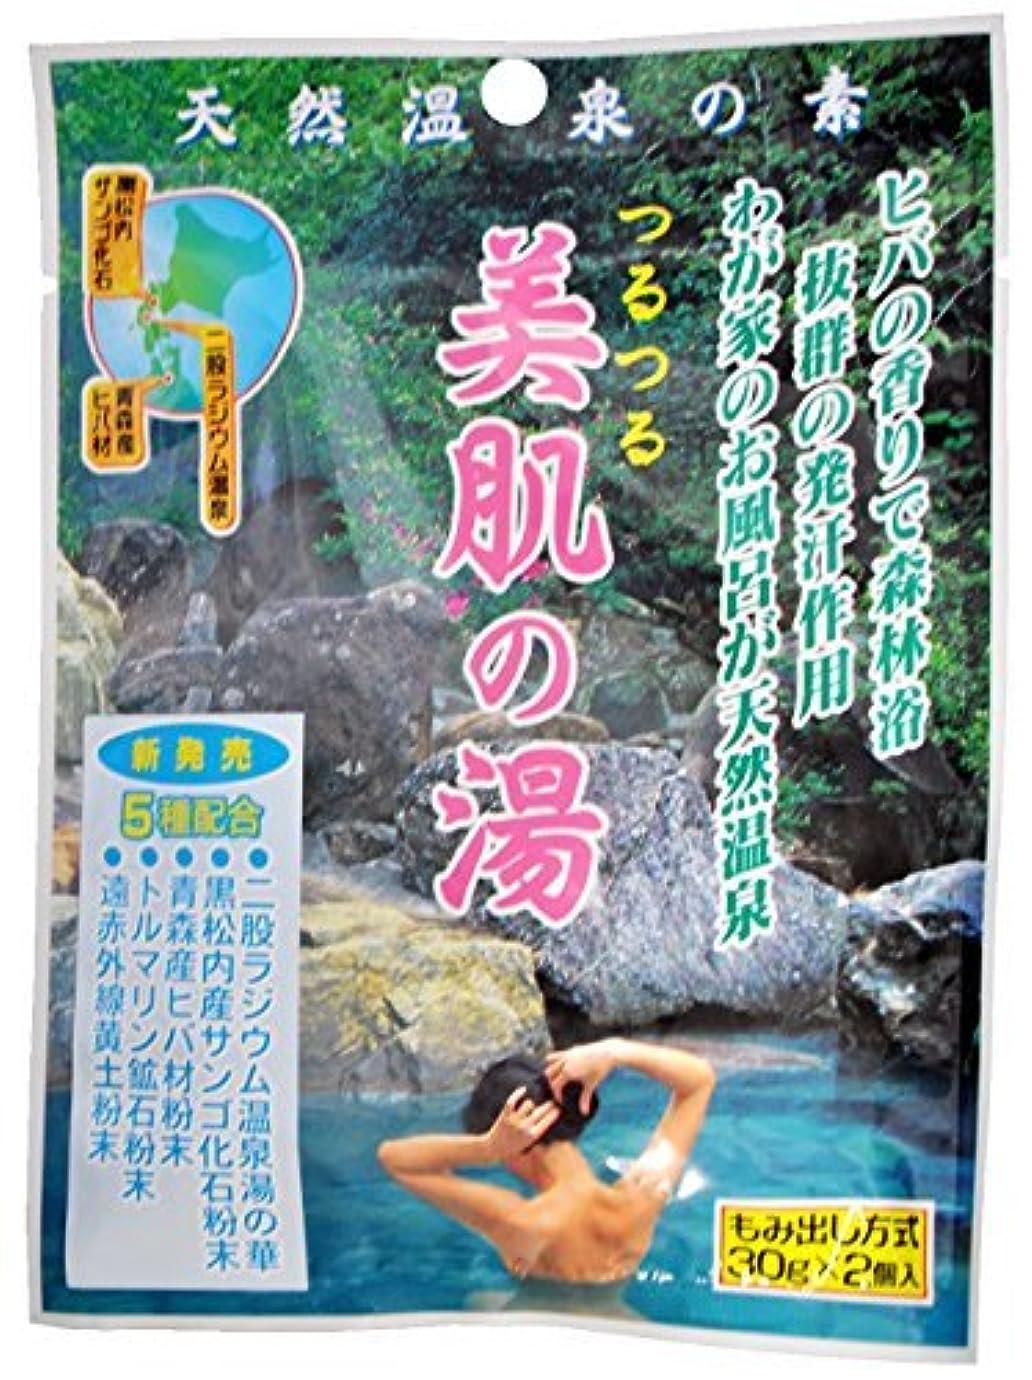 コモランマわざわざ検索エンジンマーケティング【まとめ買い】天然成分入浴剤 つるつる 美肌の湯 2袋入 二股ラジウム温泉の湯の華 ×30個